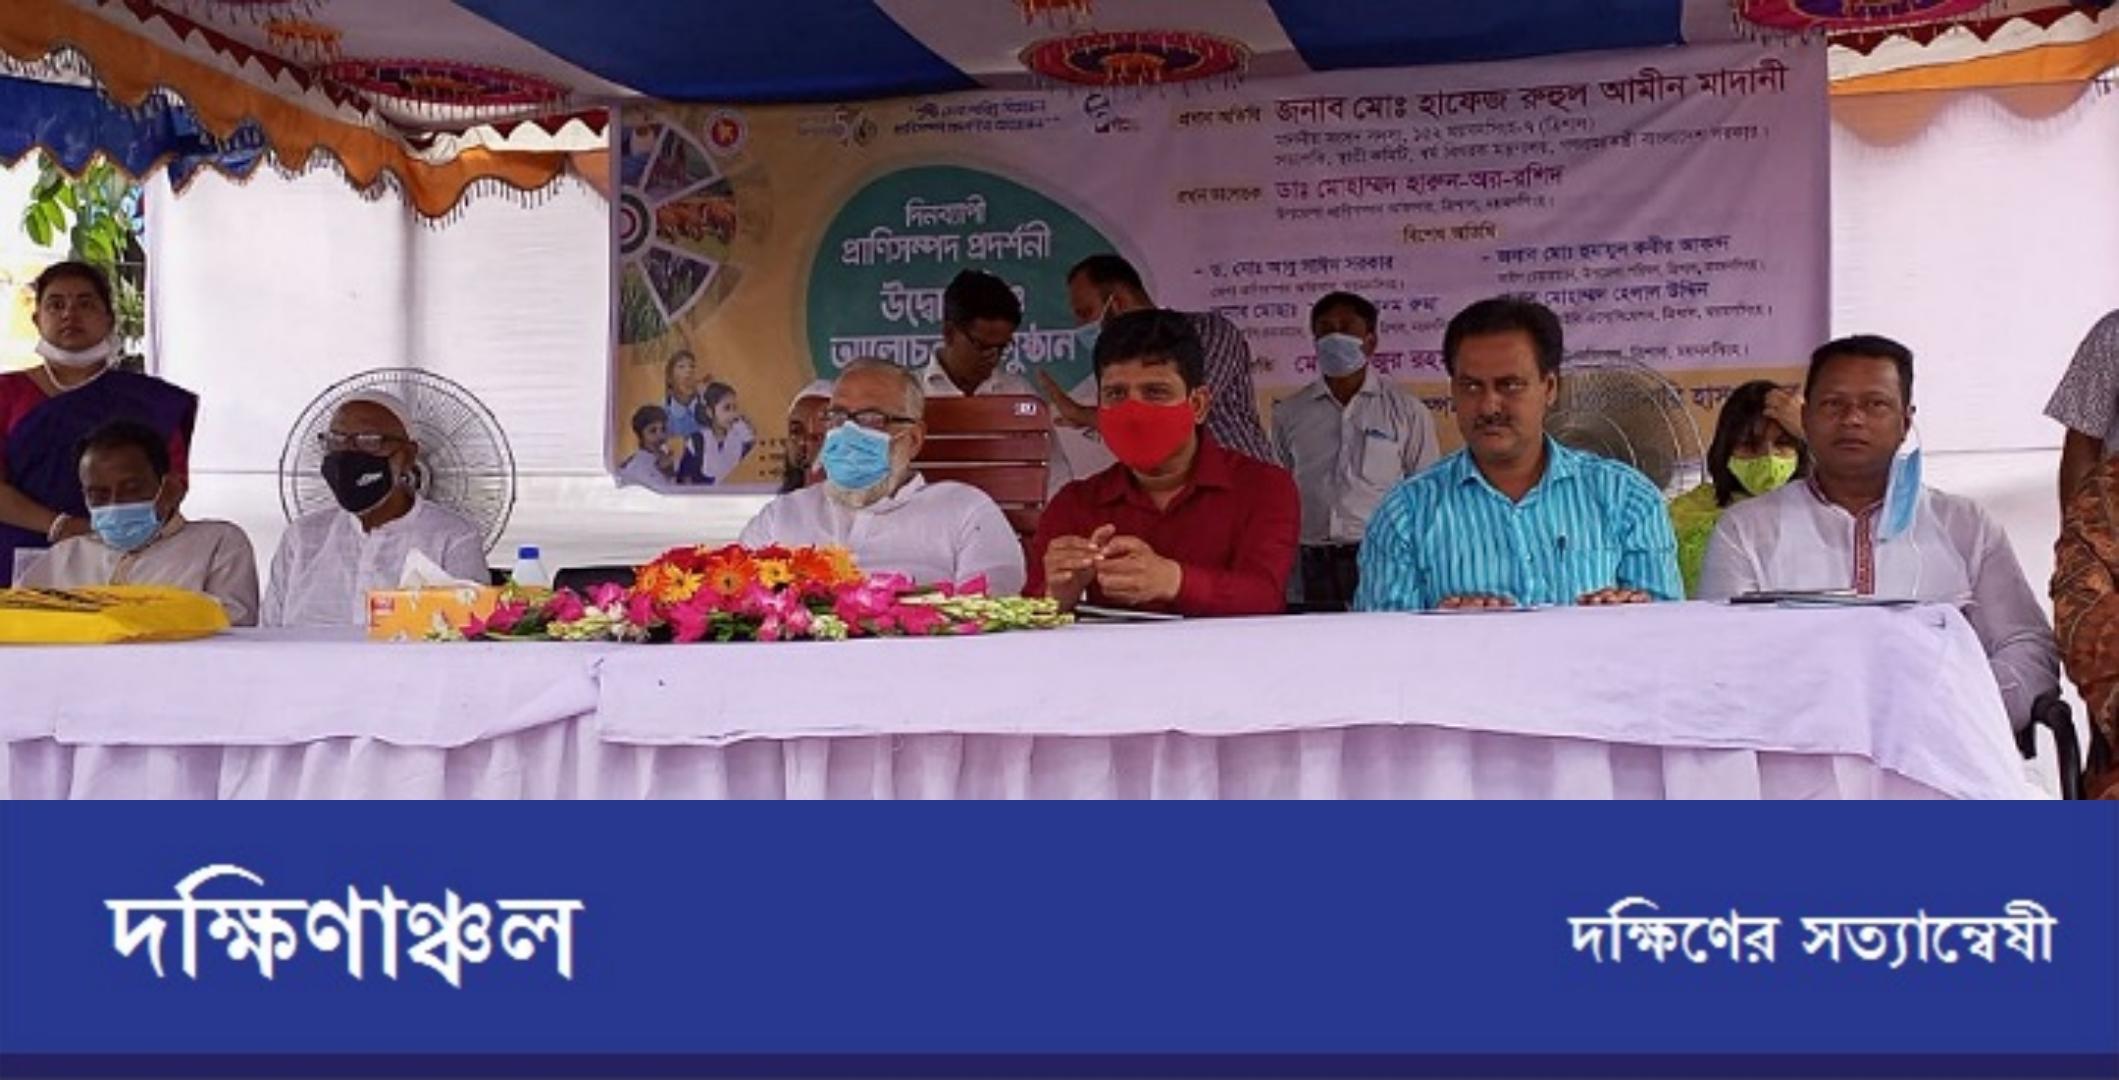 ময়মনসিংহে ত্রিশালে দিনব্যাপী প্রনিসম্পদ প্রদর্শনী উদ্বোধনী ও আলোচনা অনুষ্ঠিত